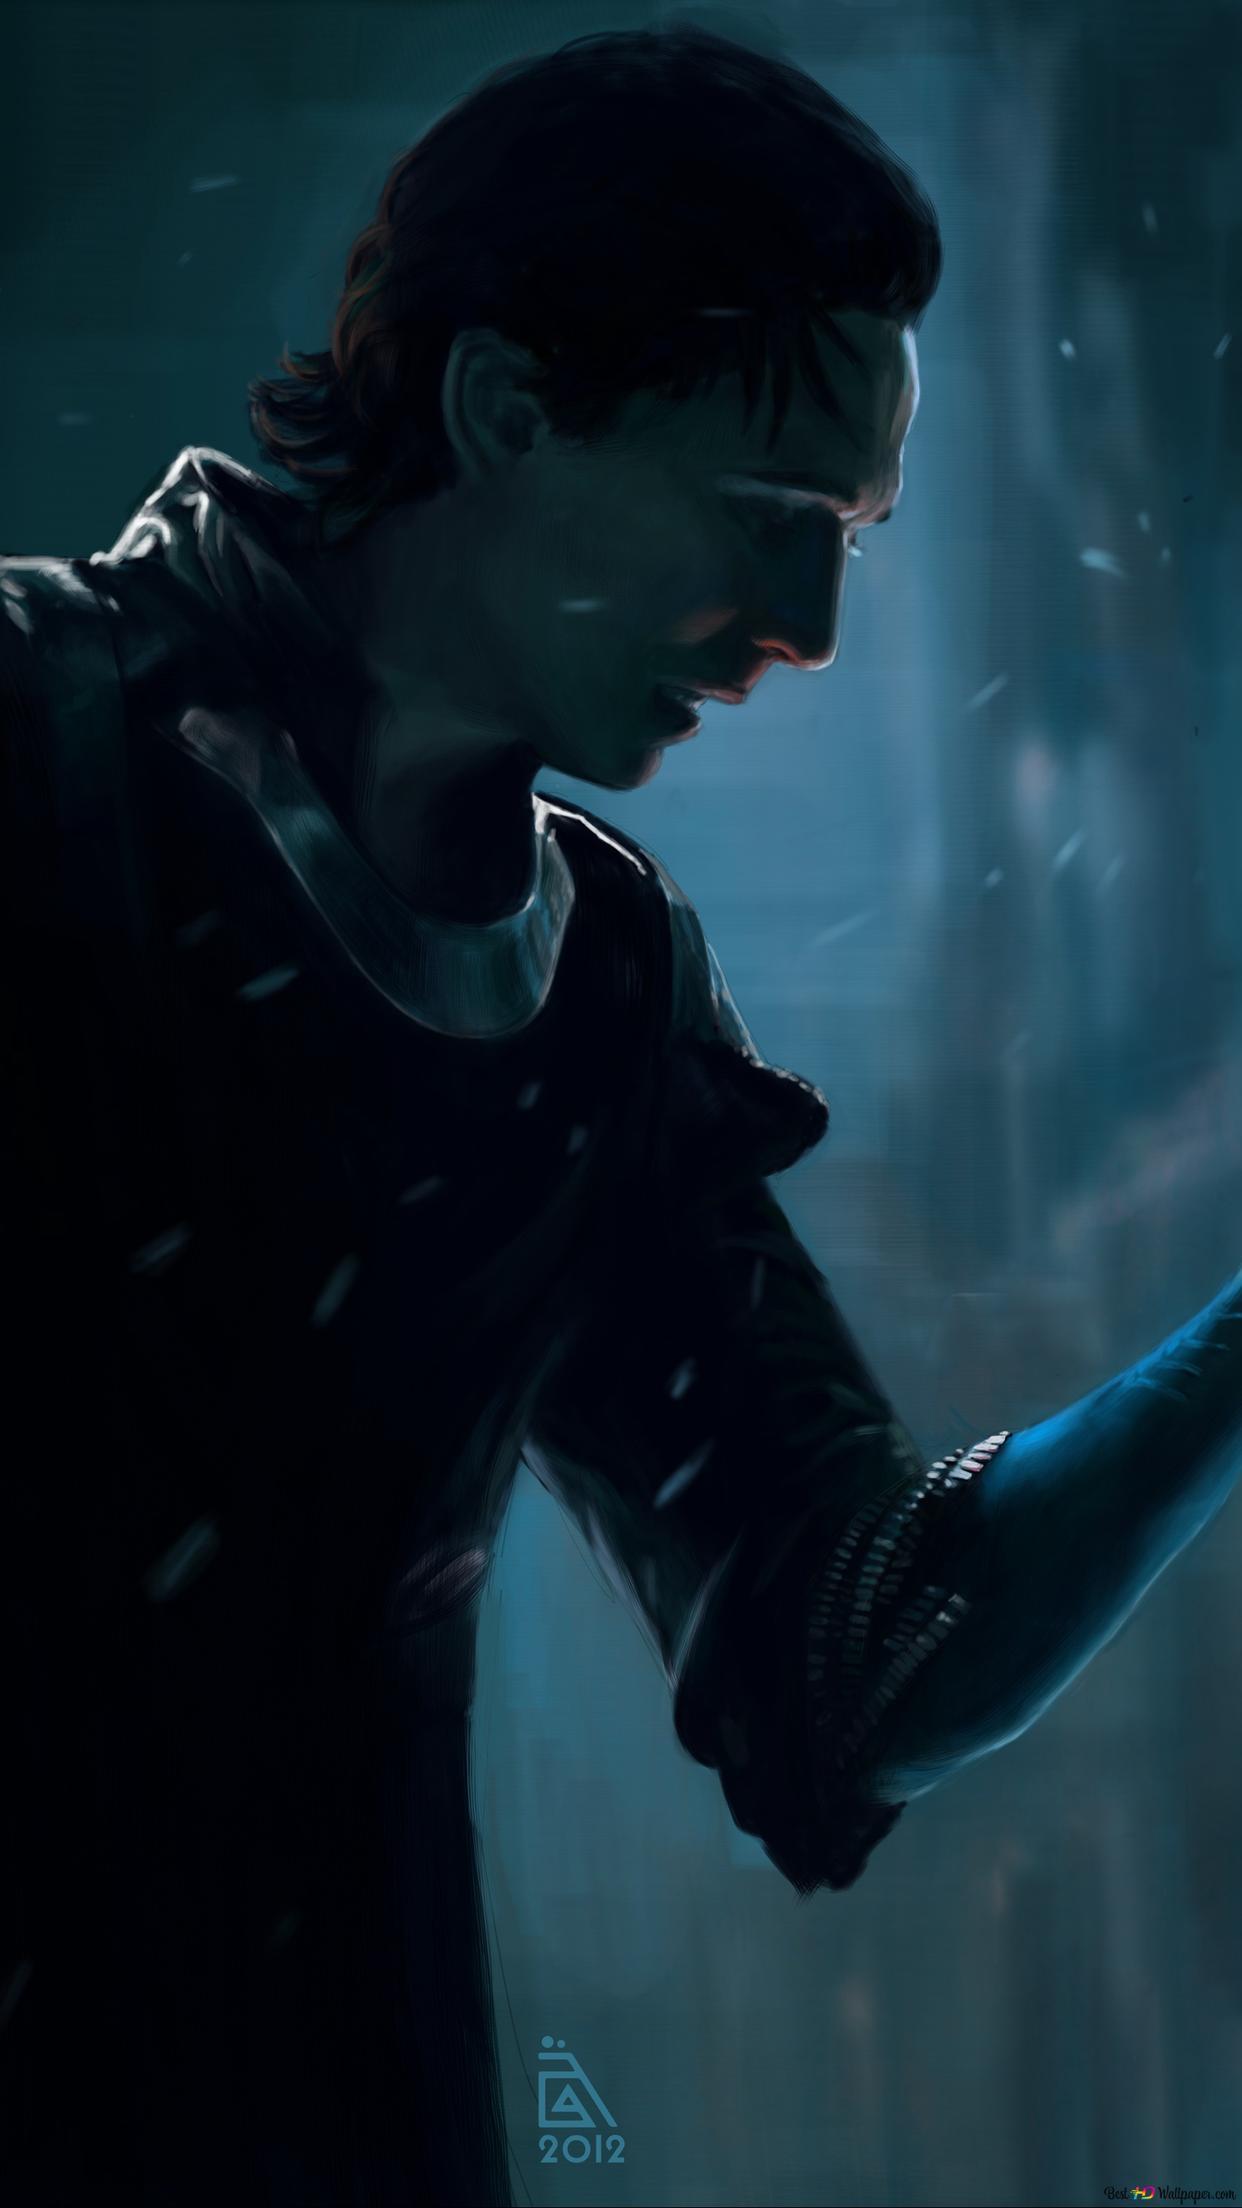 Descargar Fondo De Pantalla La Película Avengers Pintura